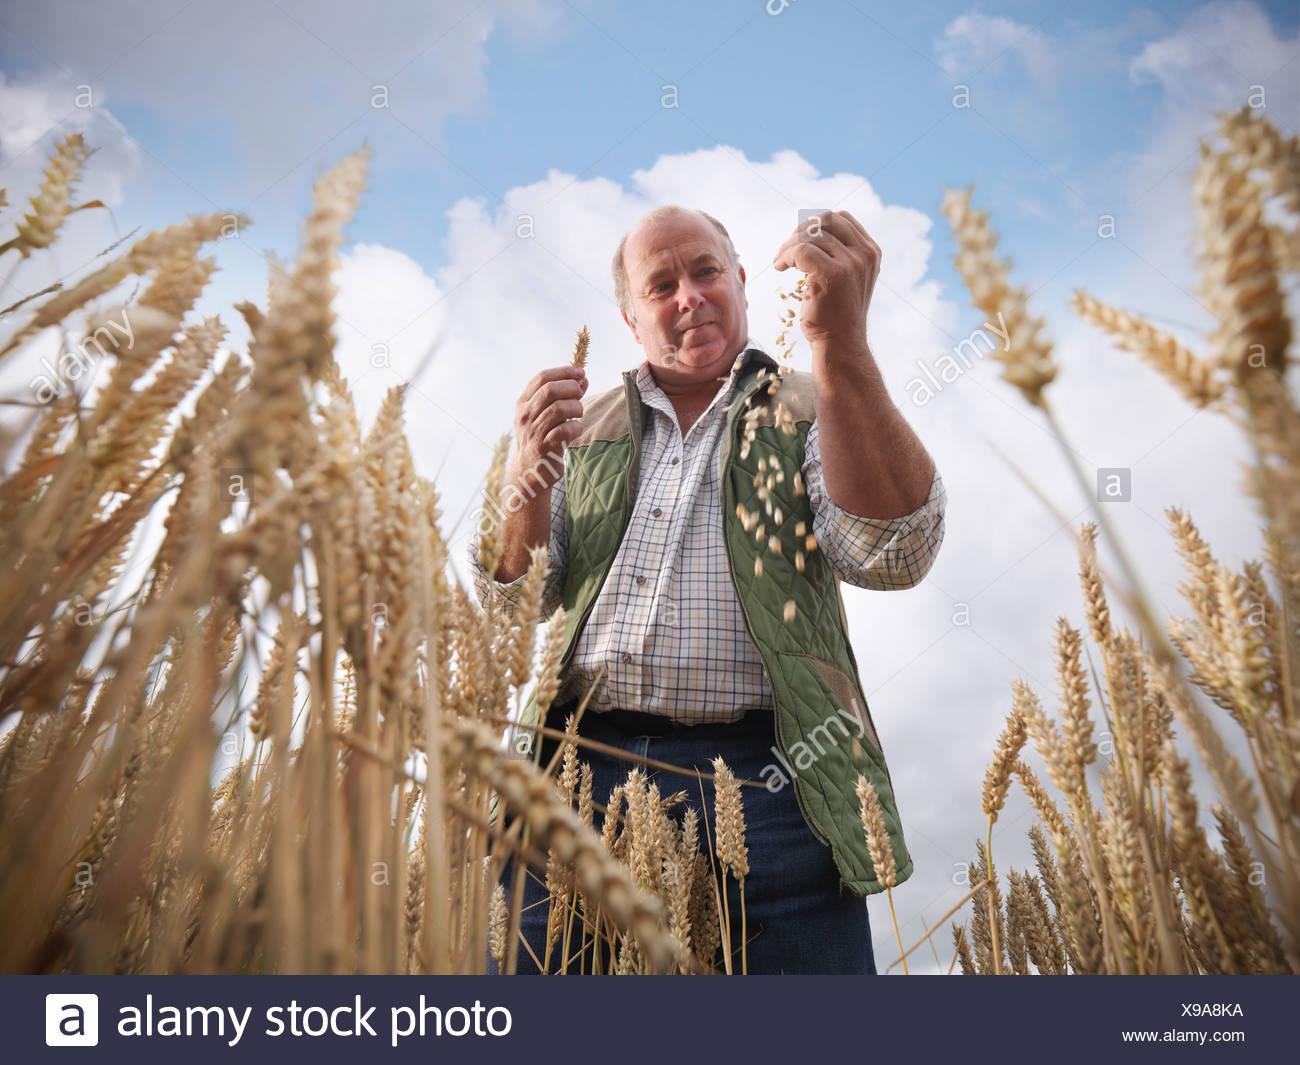 Agricultor examinar grano de trigo en el campo Imagen De Stock